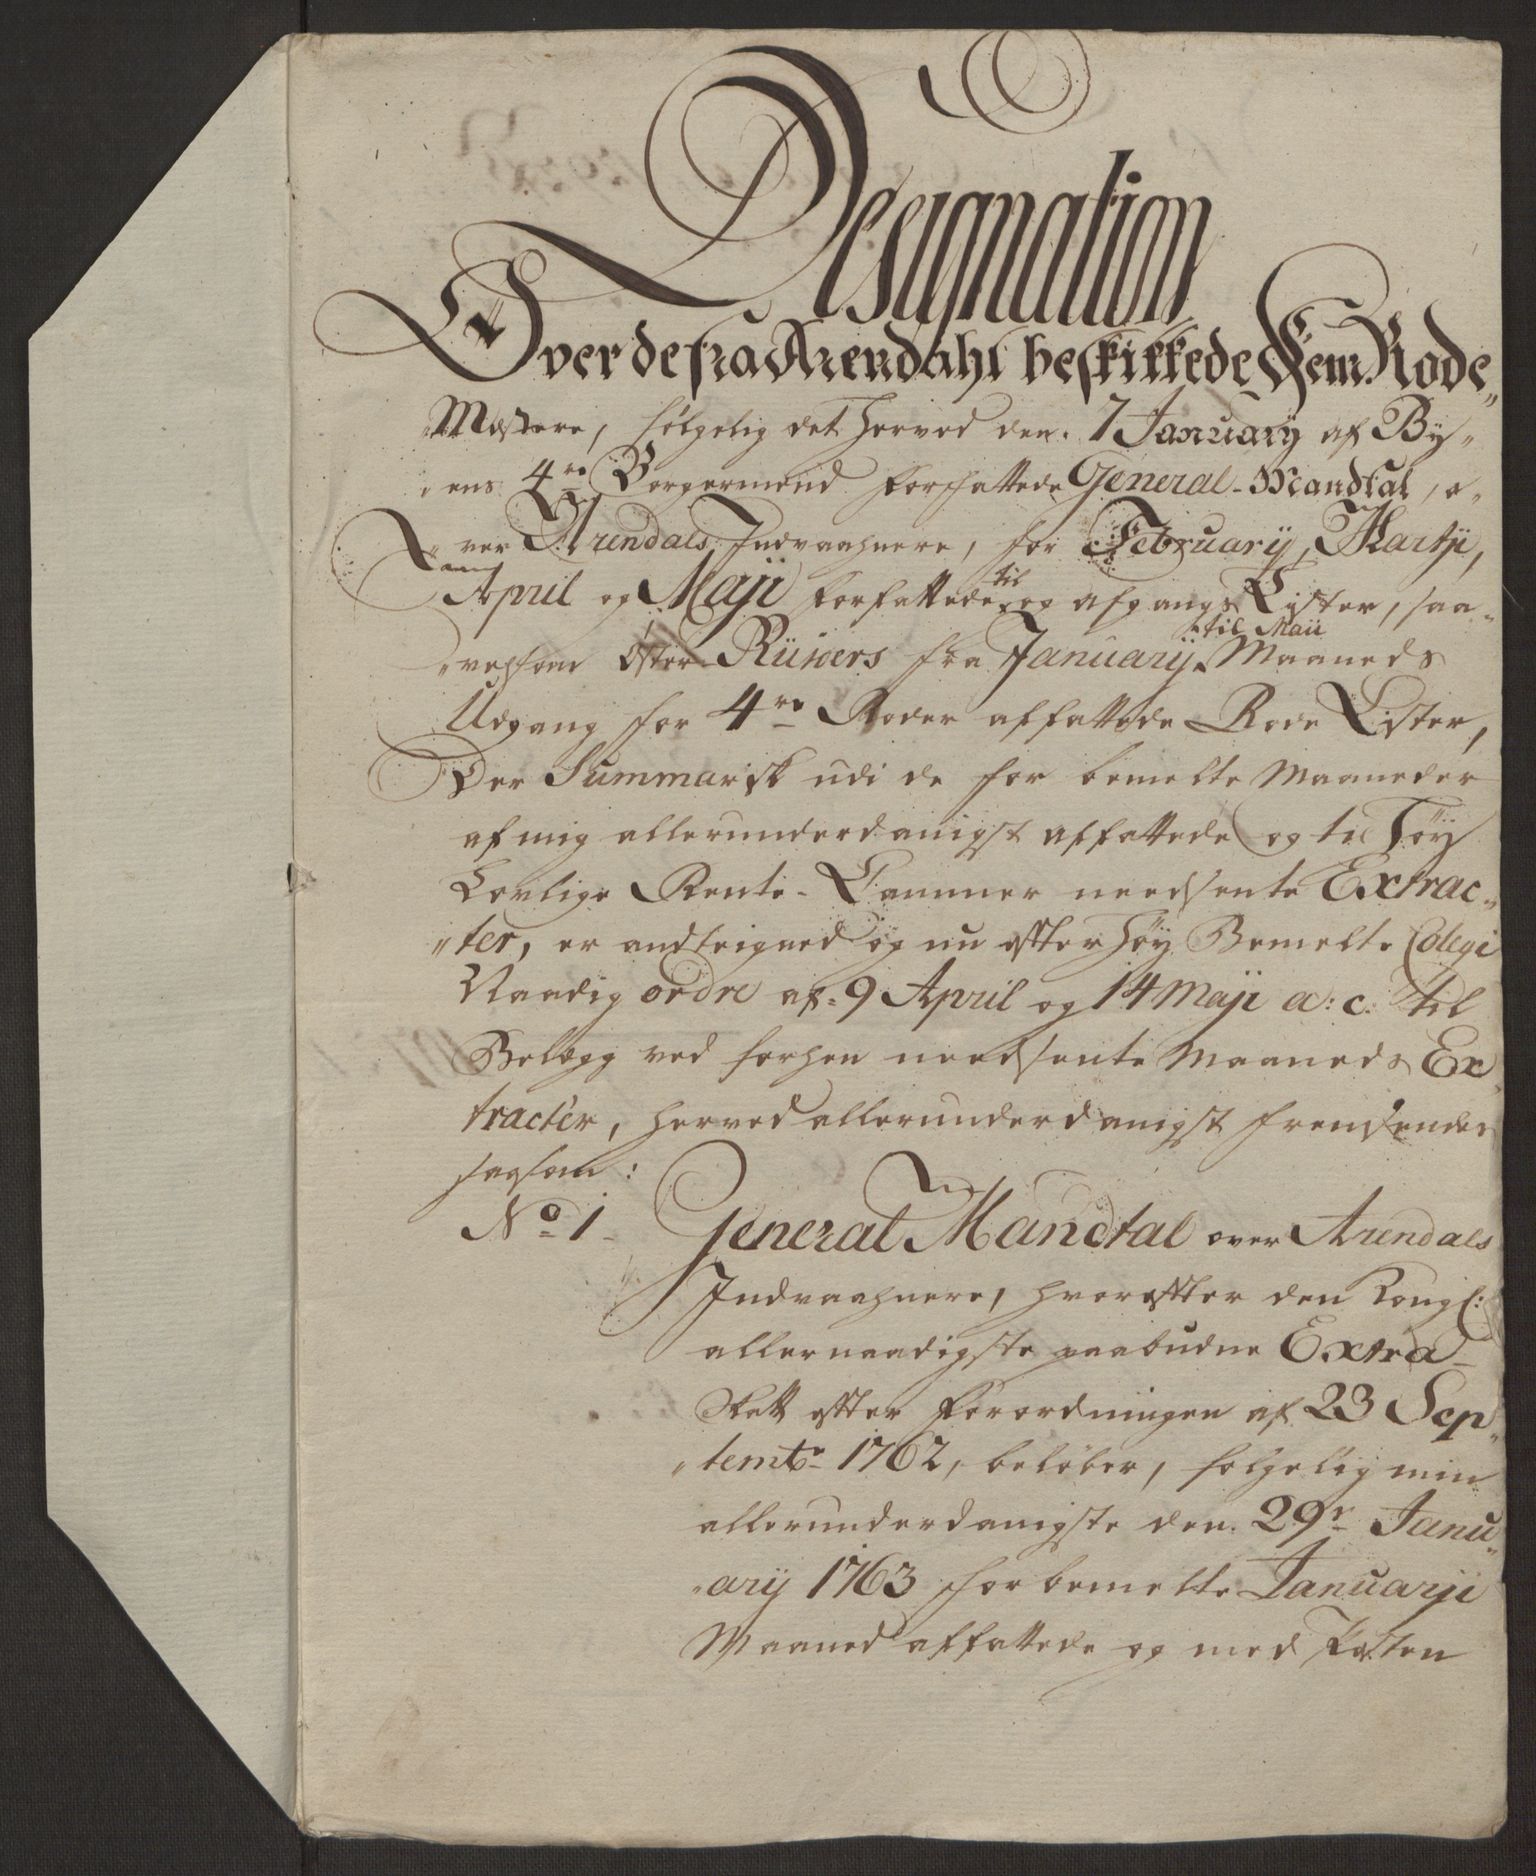 RA, Rentekammeret inntil 1814, Reviderte regnskaper, Byregnskaper, R/Rl/L0230: [L4] Kontribusjonsregnskap, 1762-1764, s. 303